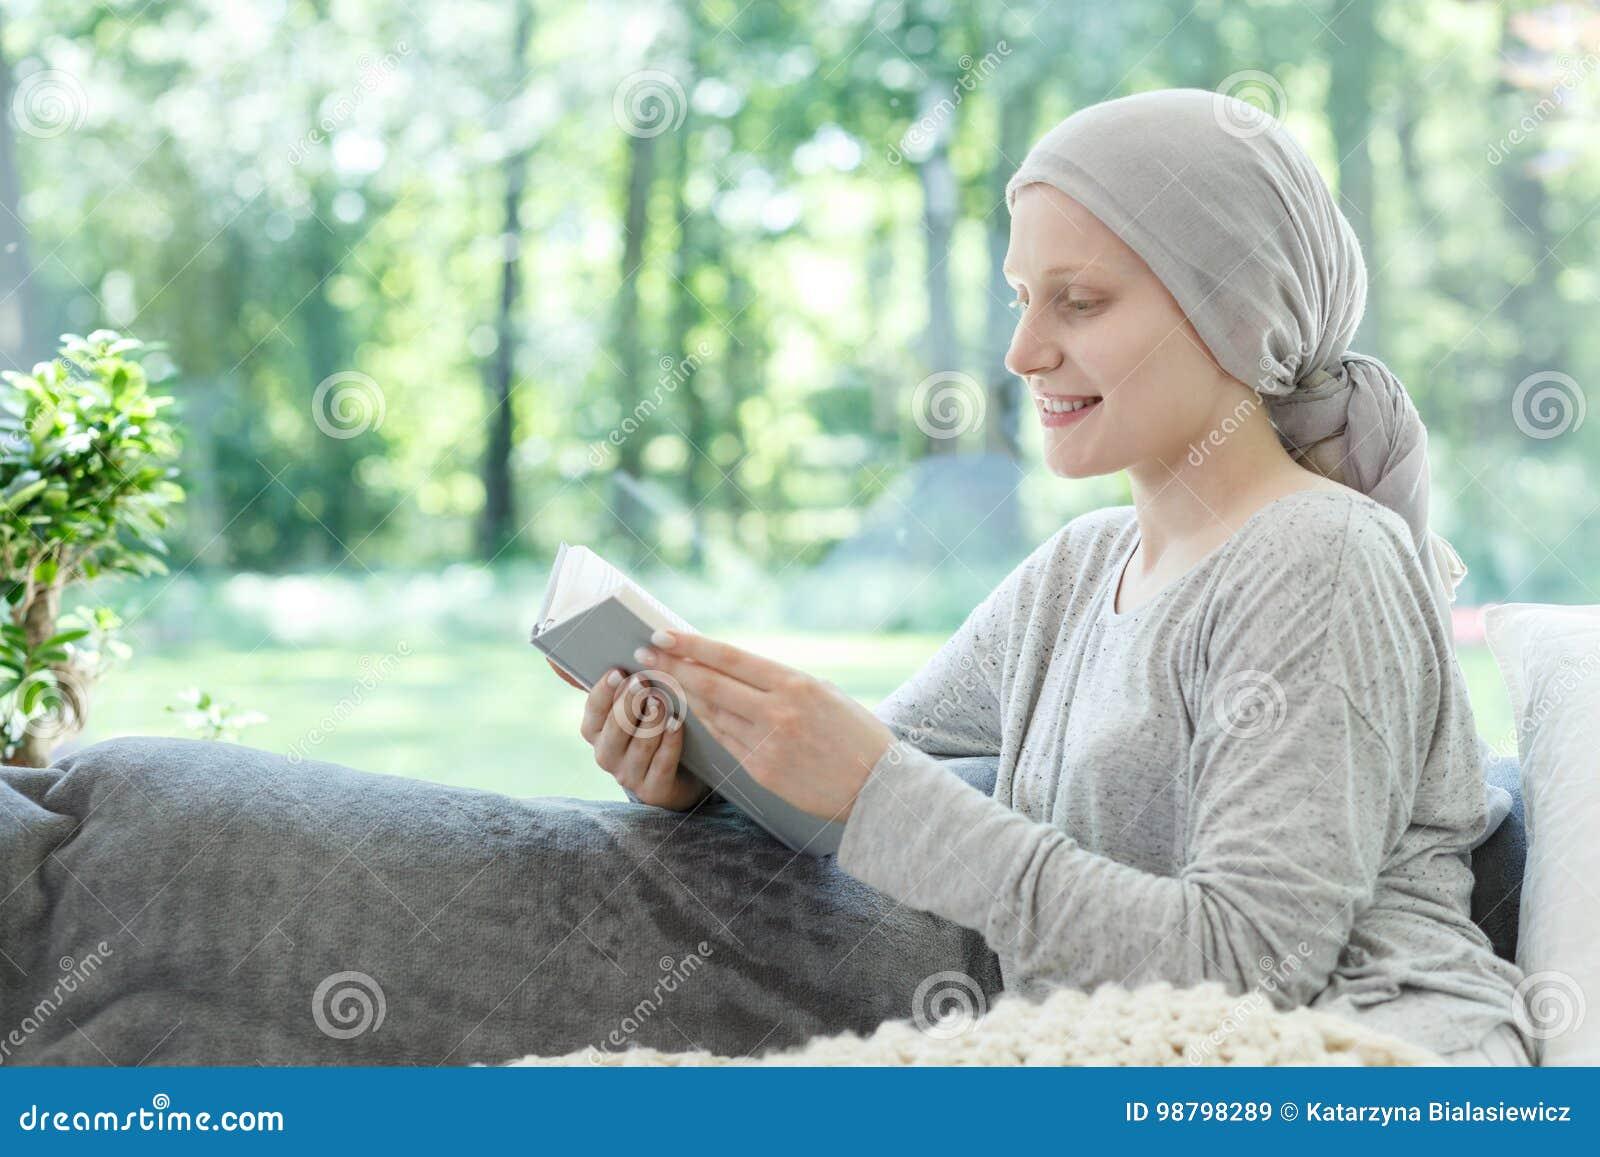 Kobieta w chustka na głowę czytelniczej książce